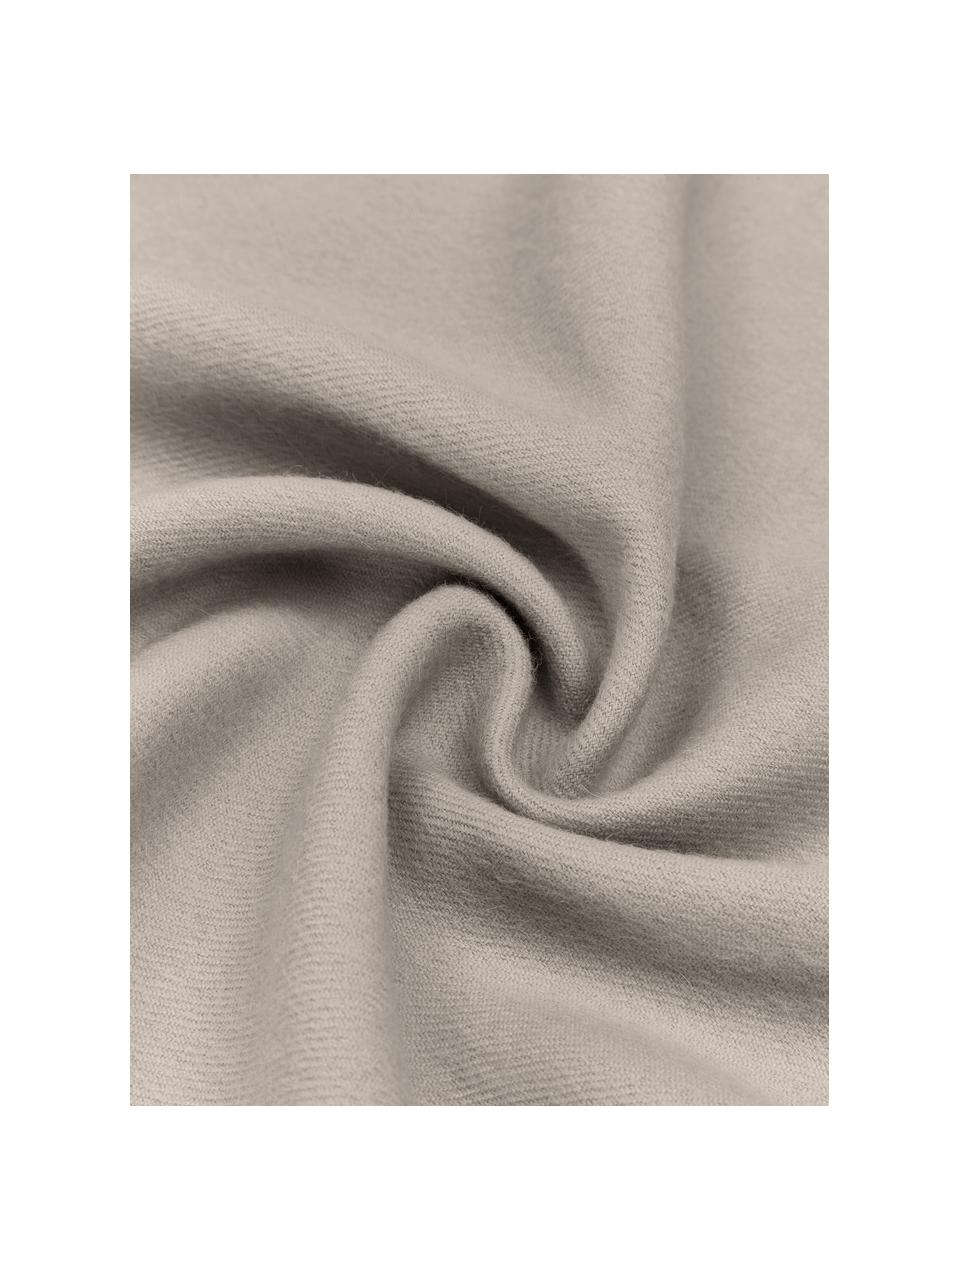 Leichte Babyalpaka-Decke Luxury in Beige, Beige, 130 x 200 cm